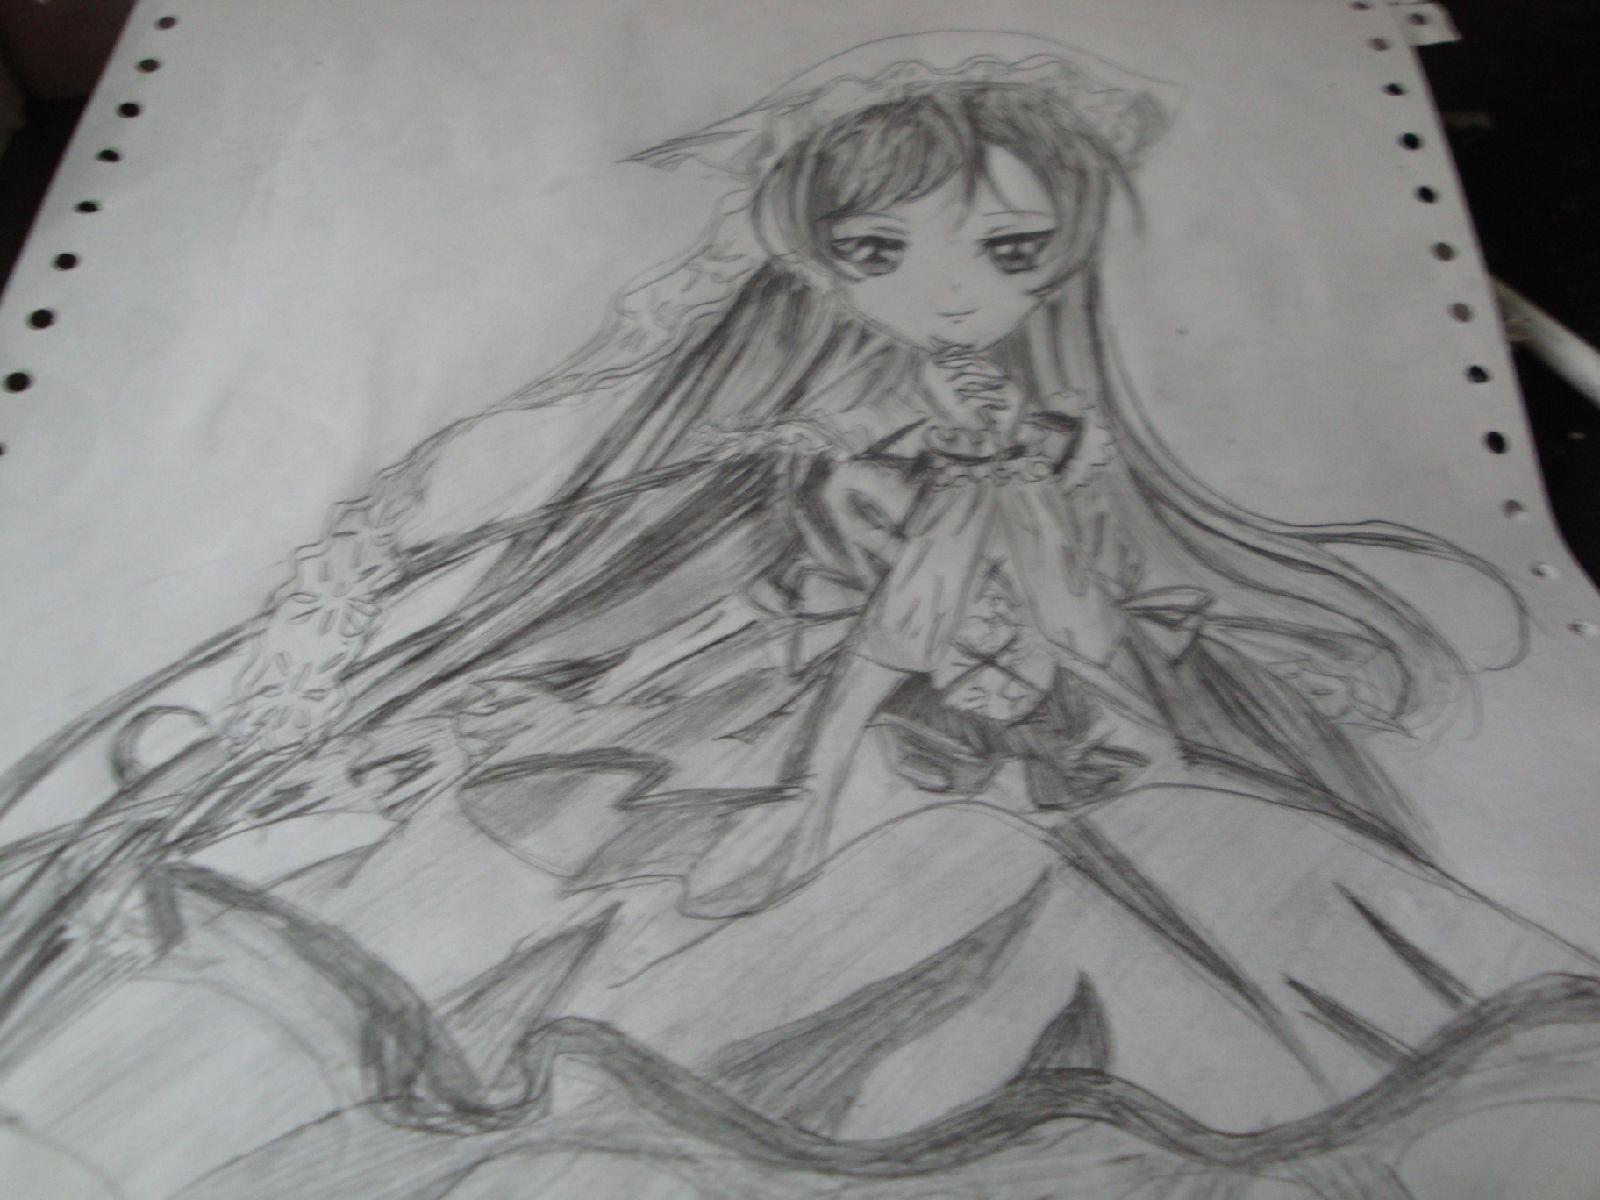 漫画女生手绘 铅笔